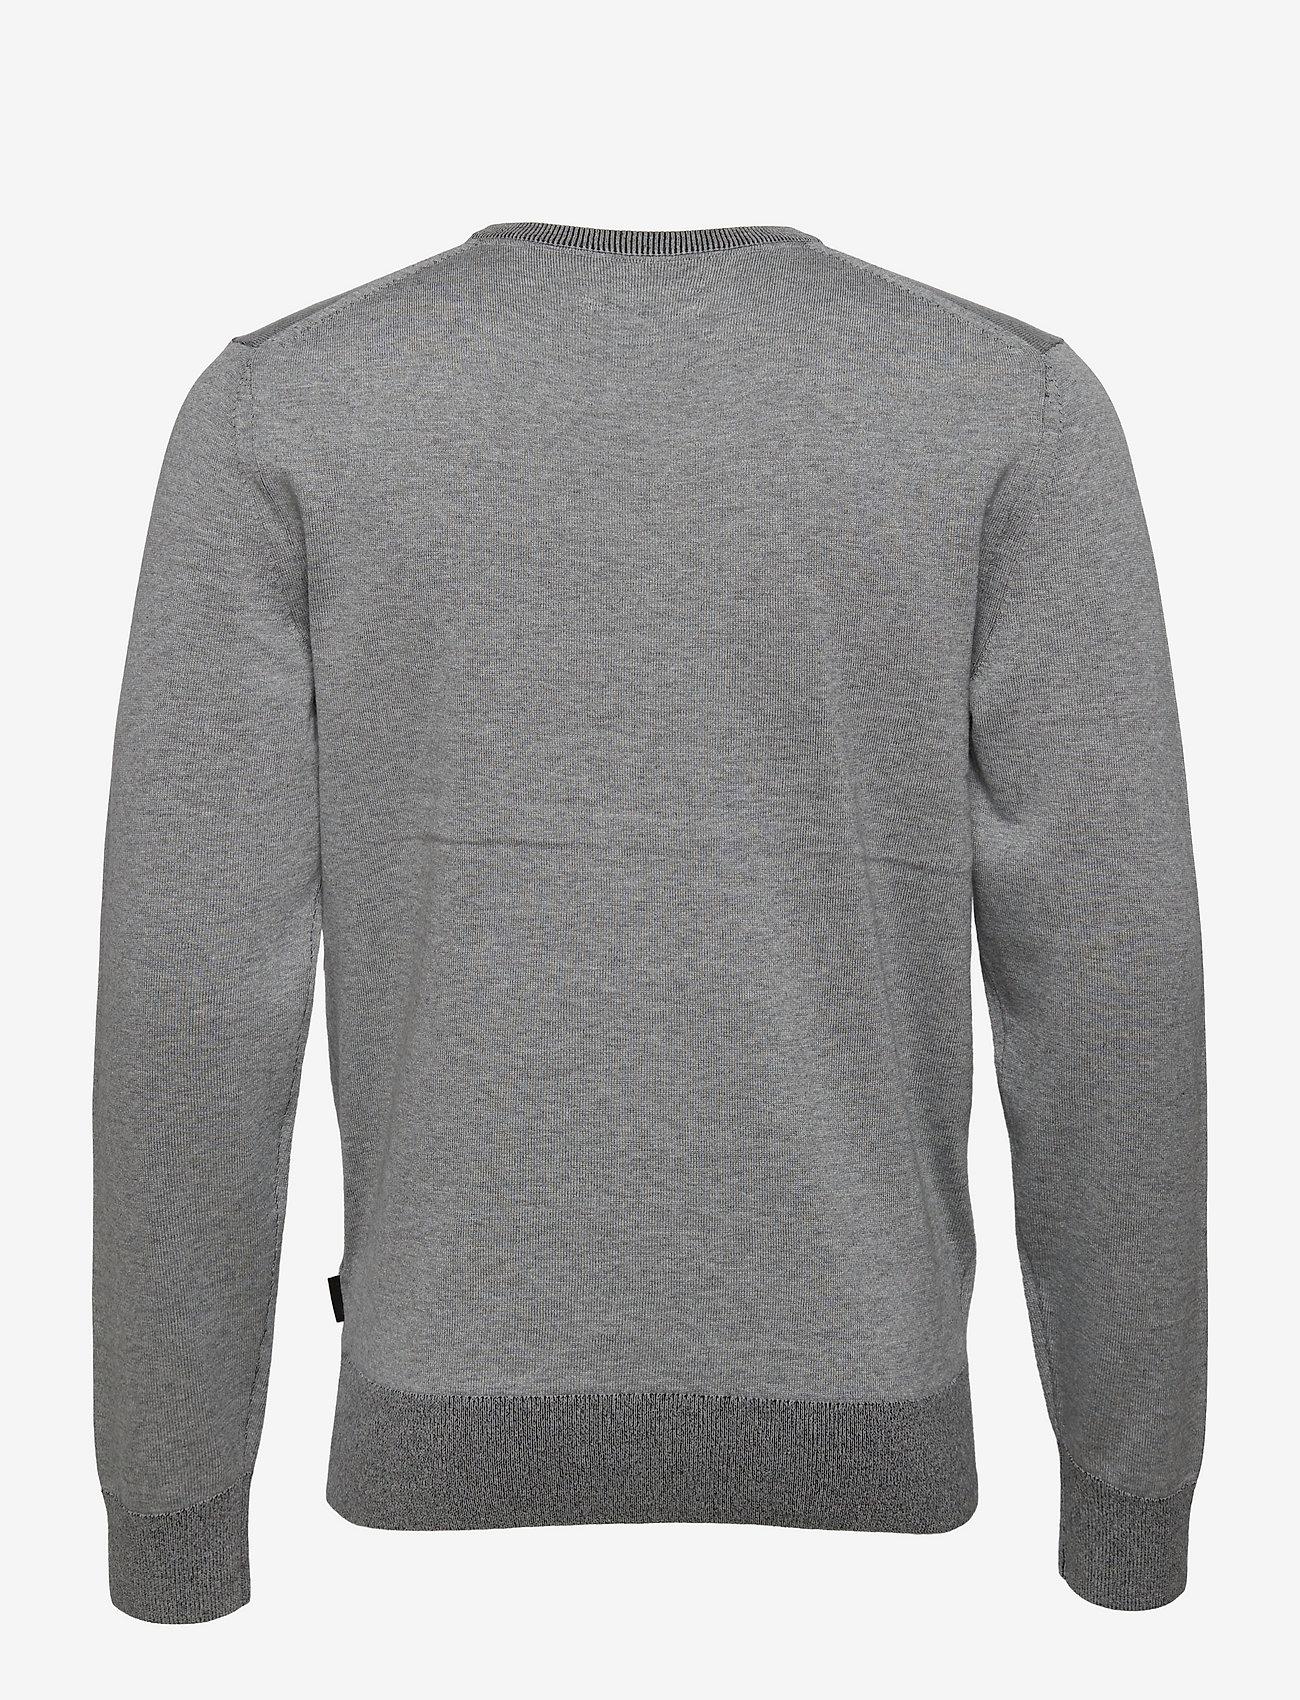 Calvin Klein - COTTON SILK C-NECK SWEATER - basic gebreide truien - mid grey heather - 1